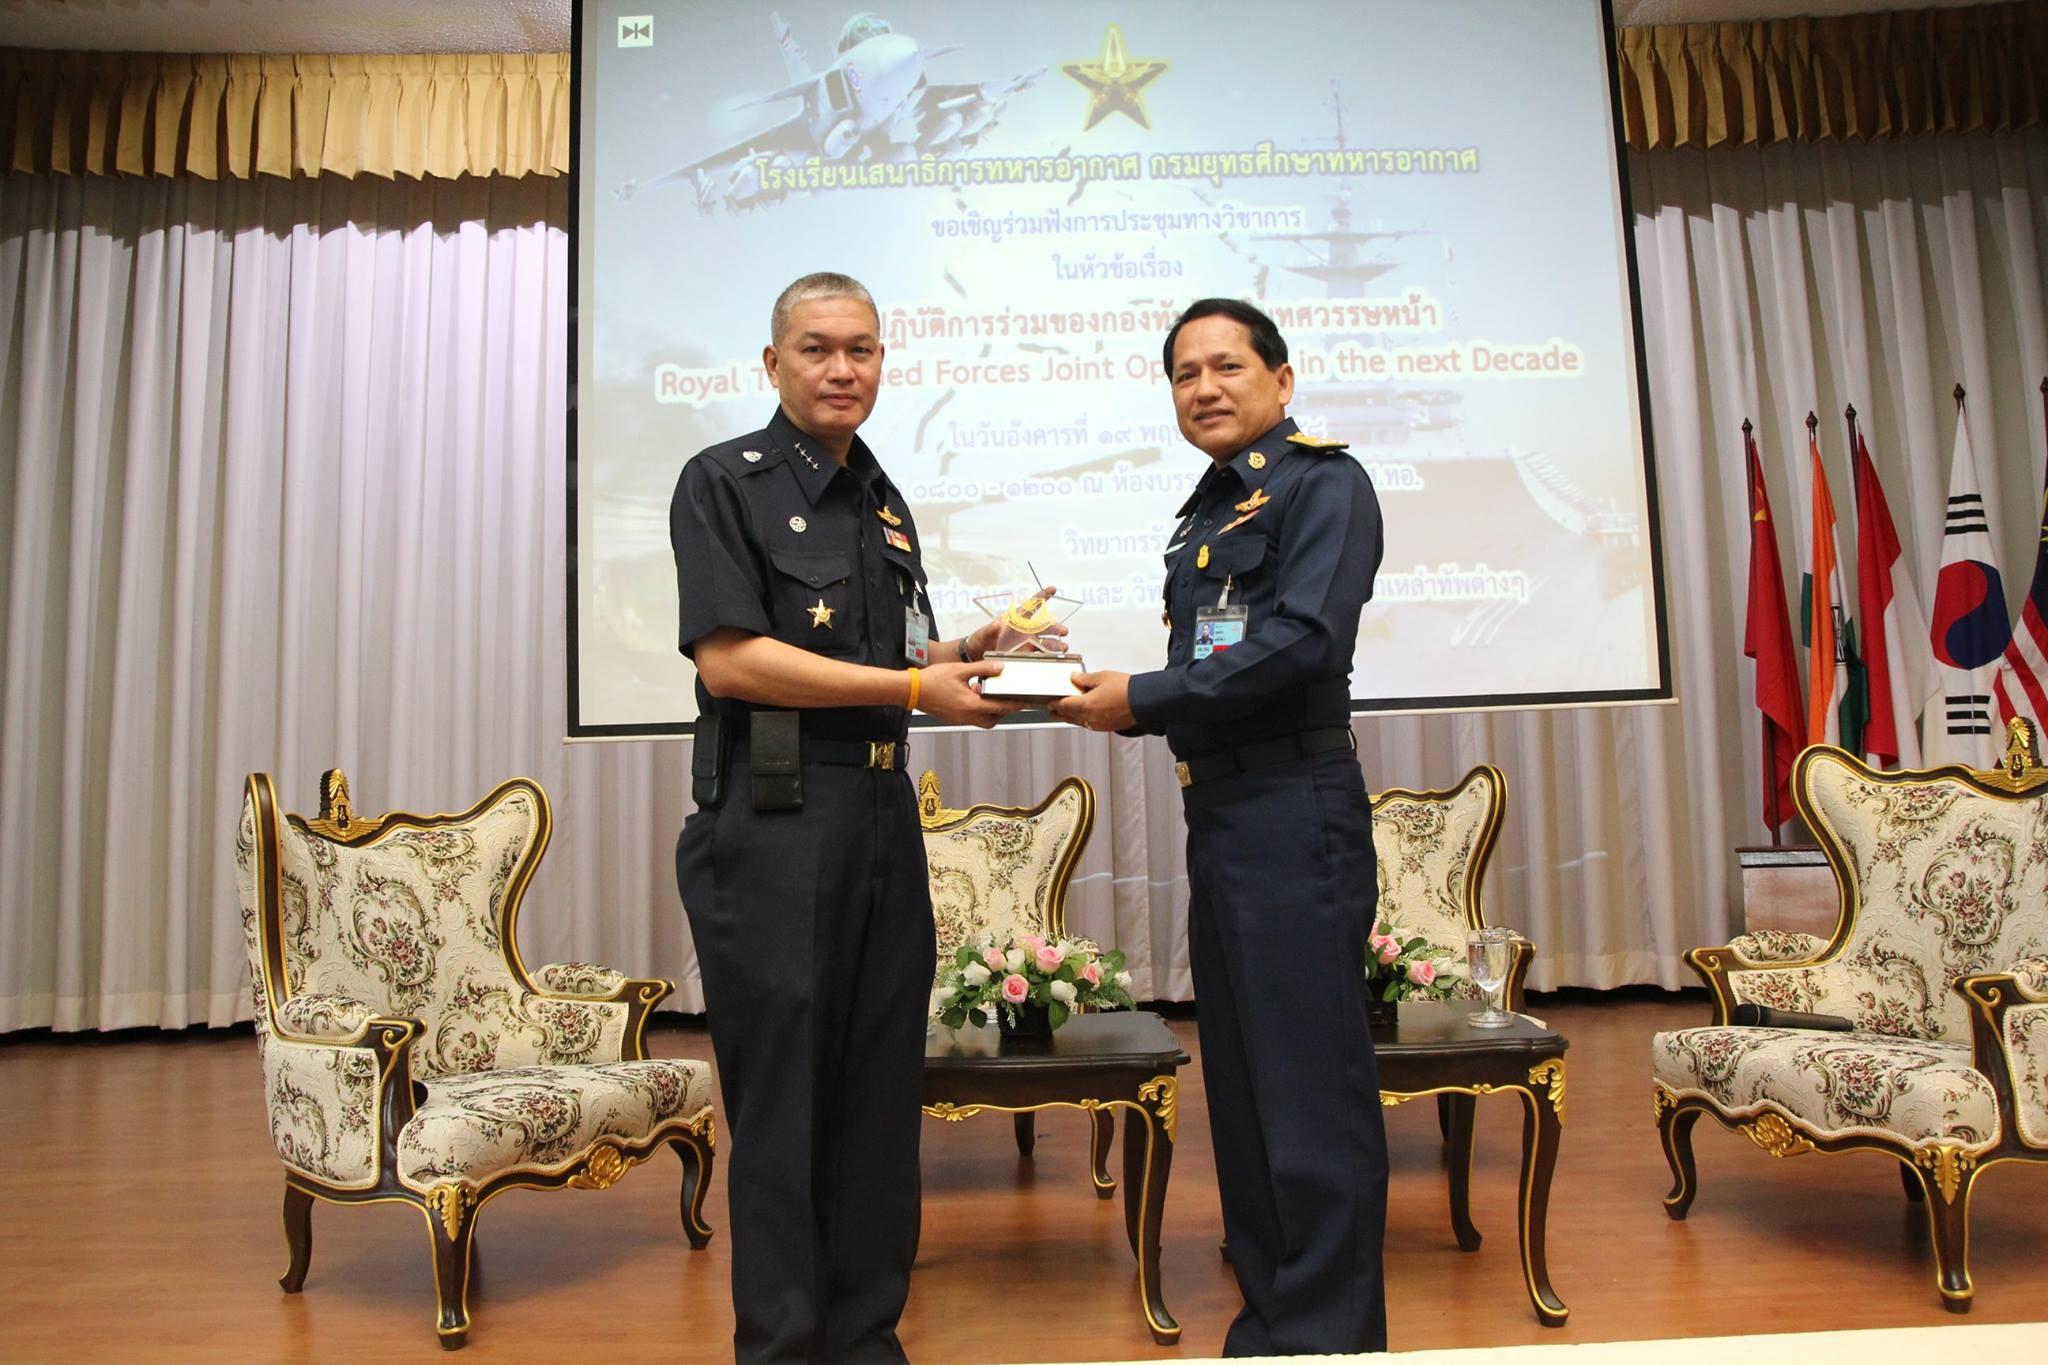 เสนาธิการทหารอากาศ บรรยายพิเศษโรงเรียนเสนาธิการทหารอากาศ